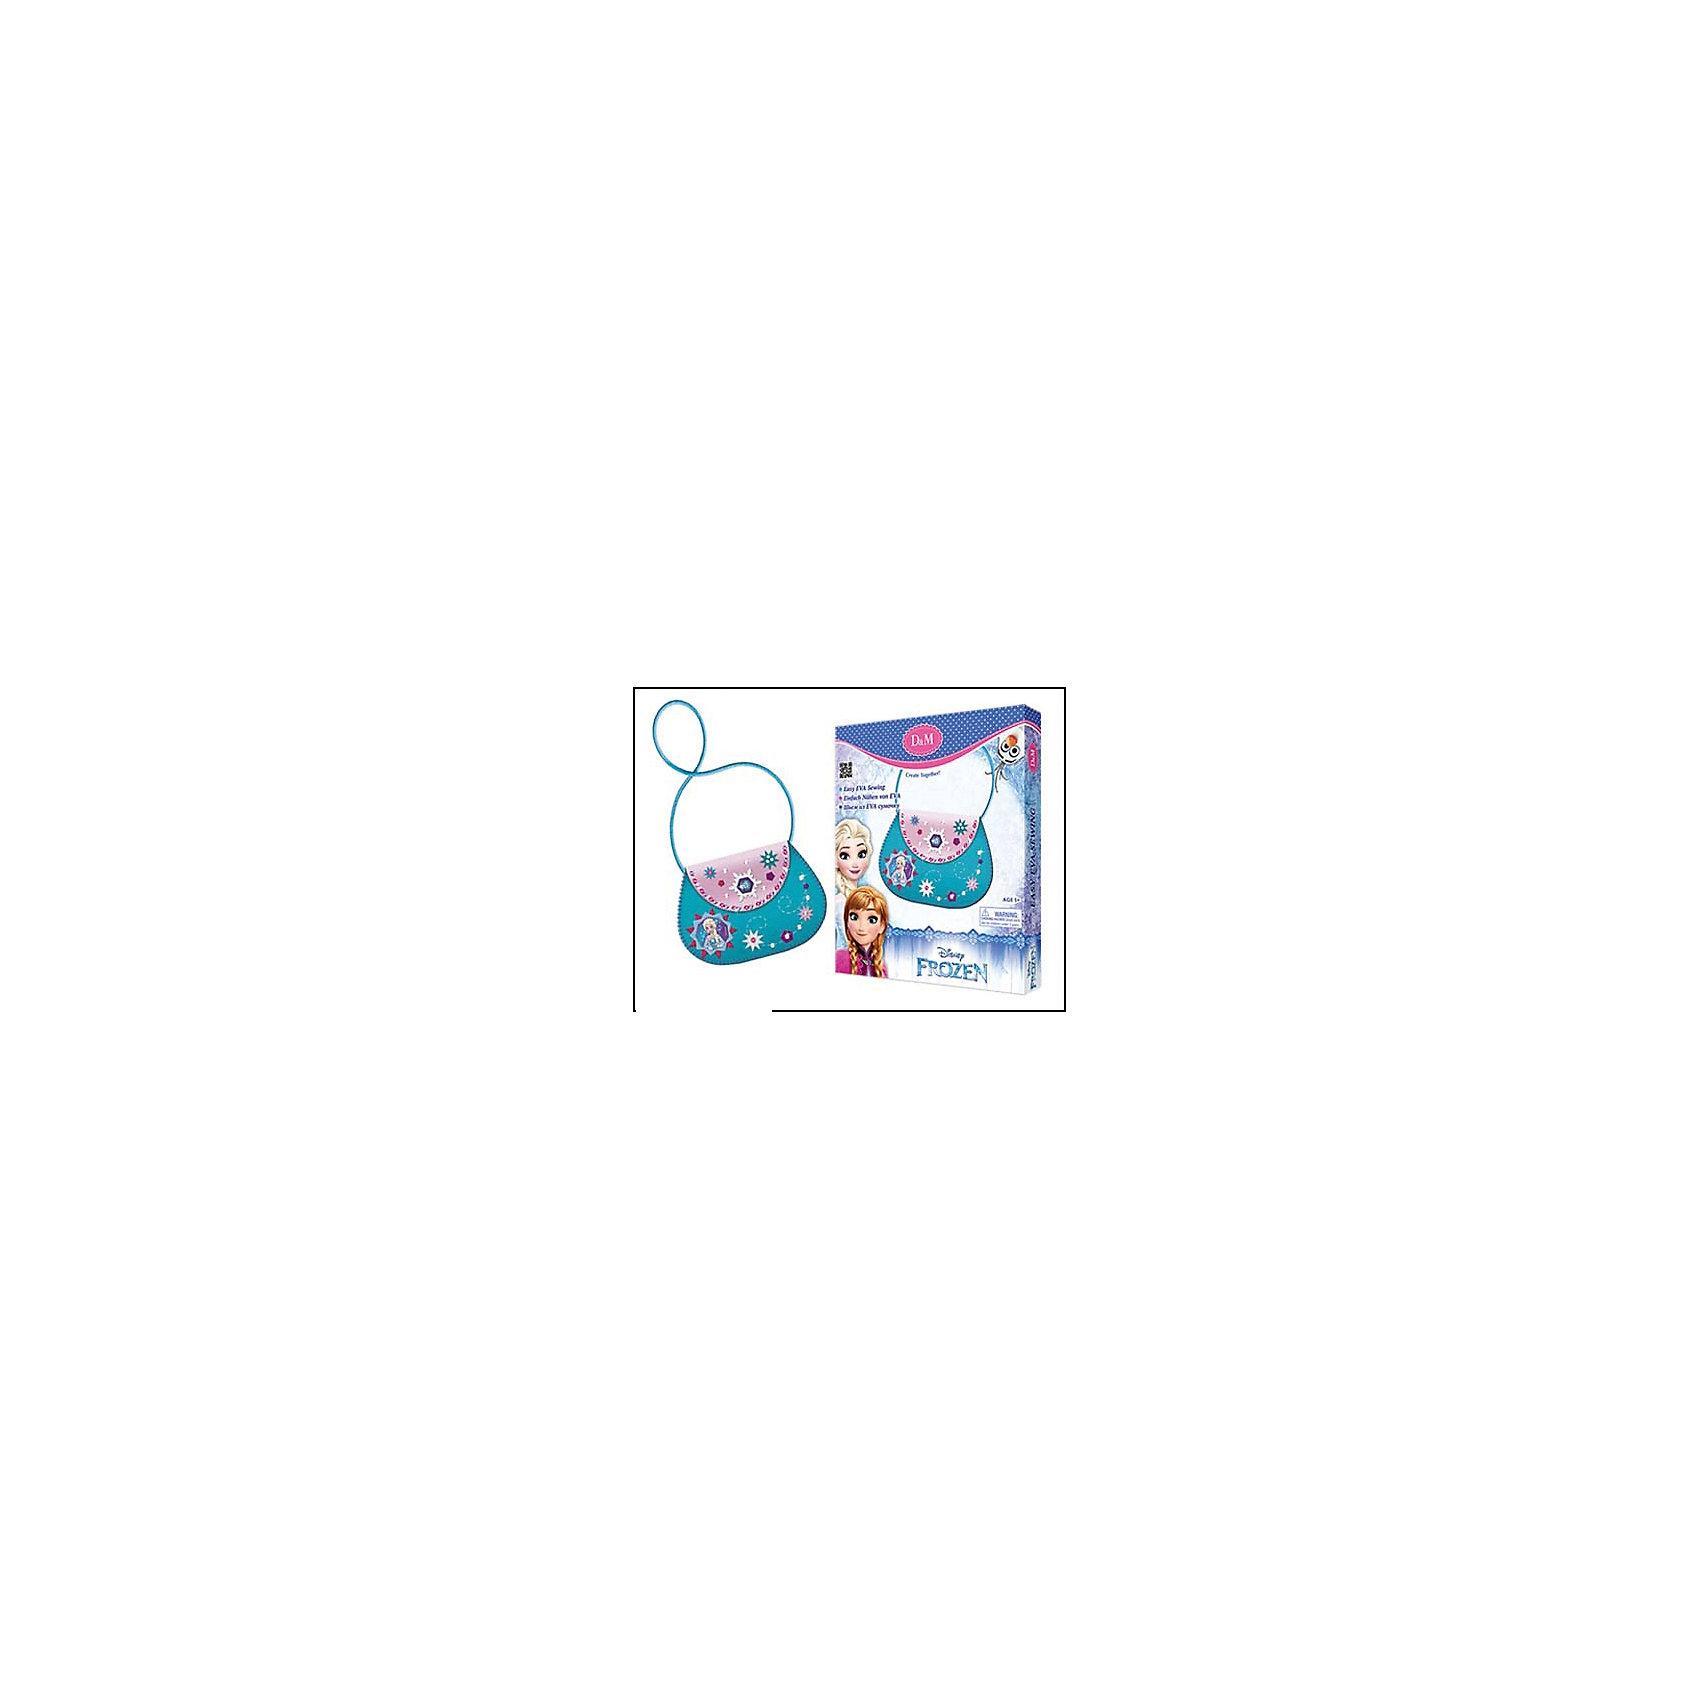 Шьем сумку из EVA Эльза, Холодное сердцеРукоделие<br>Изготовлено из пластмассы (в т.ч. вспененной и с клеевым слоем), с элементами из текстильных материалов, металла (магнита) Детали из EVA, шнурок, страза, пайетки, нитки, безопасная иголка, магнитный замок<br><br>Ширина мм: 210<br>Глубина мм: 30<br>Высота мм: 250<br>Вес г: 100<br>Возраст от месяцев: 60<br>Возраст до месяцев: 96<br>Пол: Женский<br>Возраст: Детский<br>SKU: 5101010